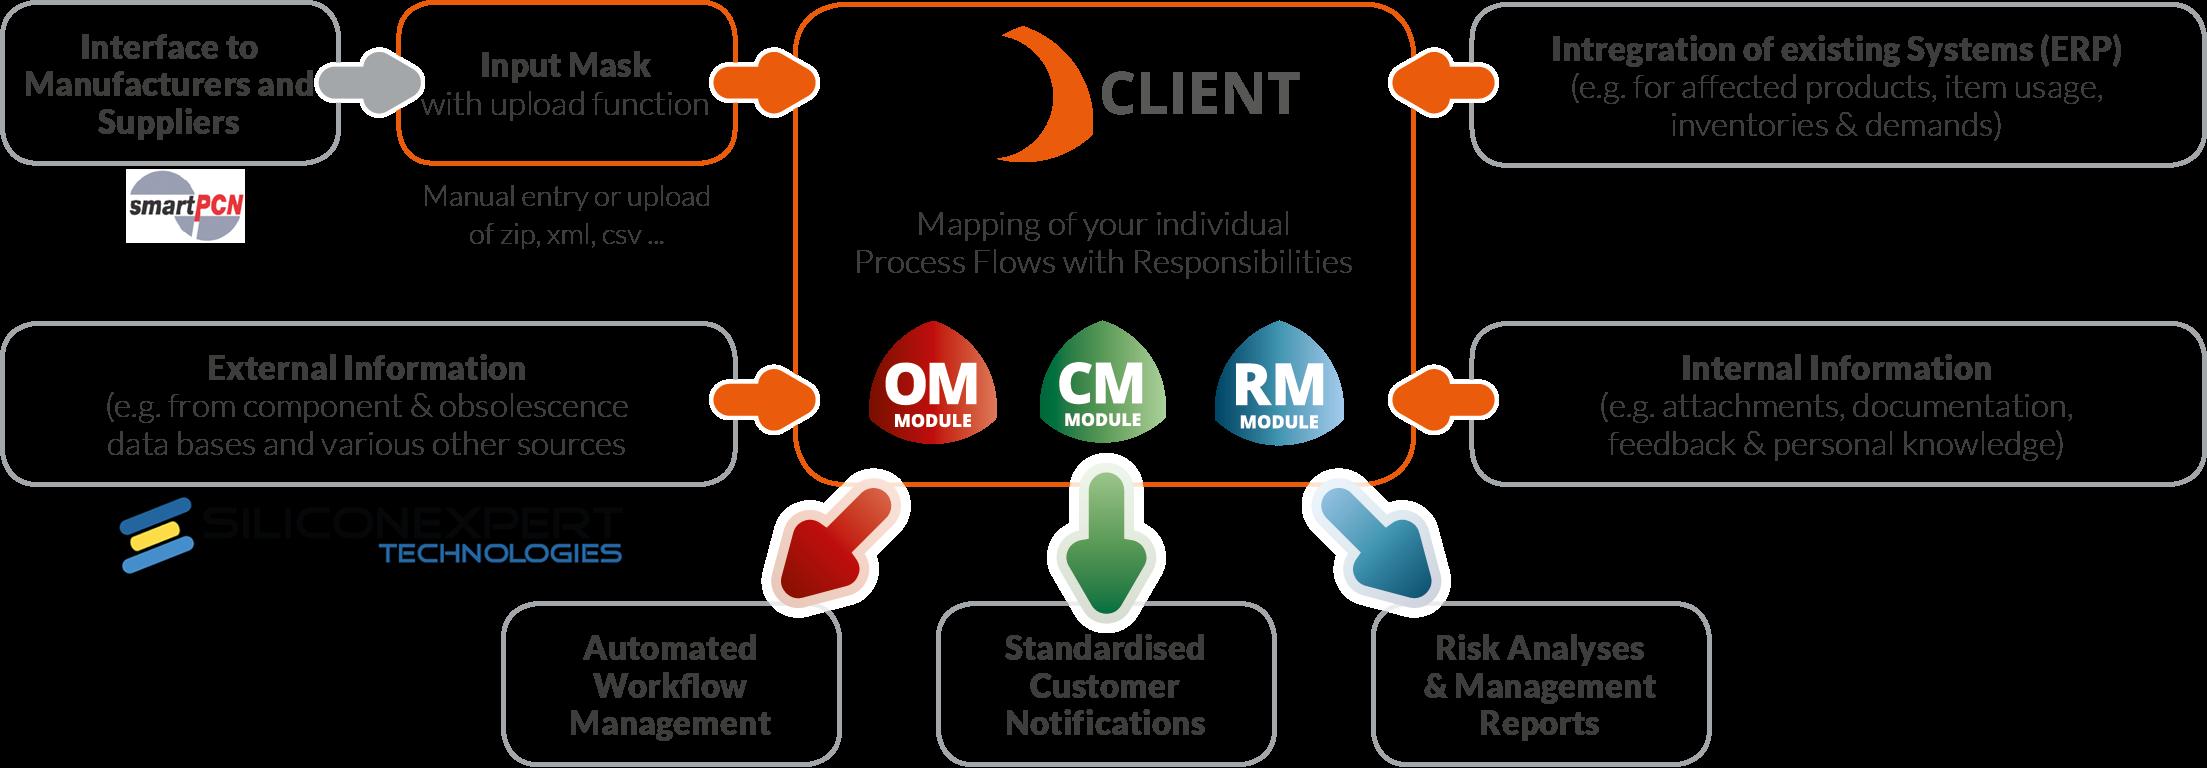 LCM client